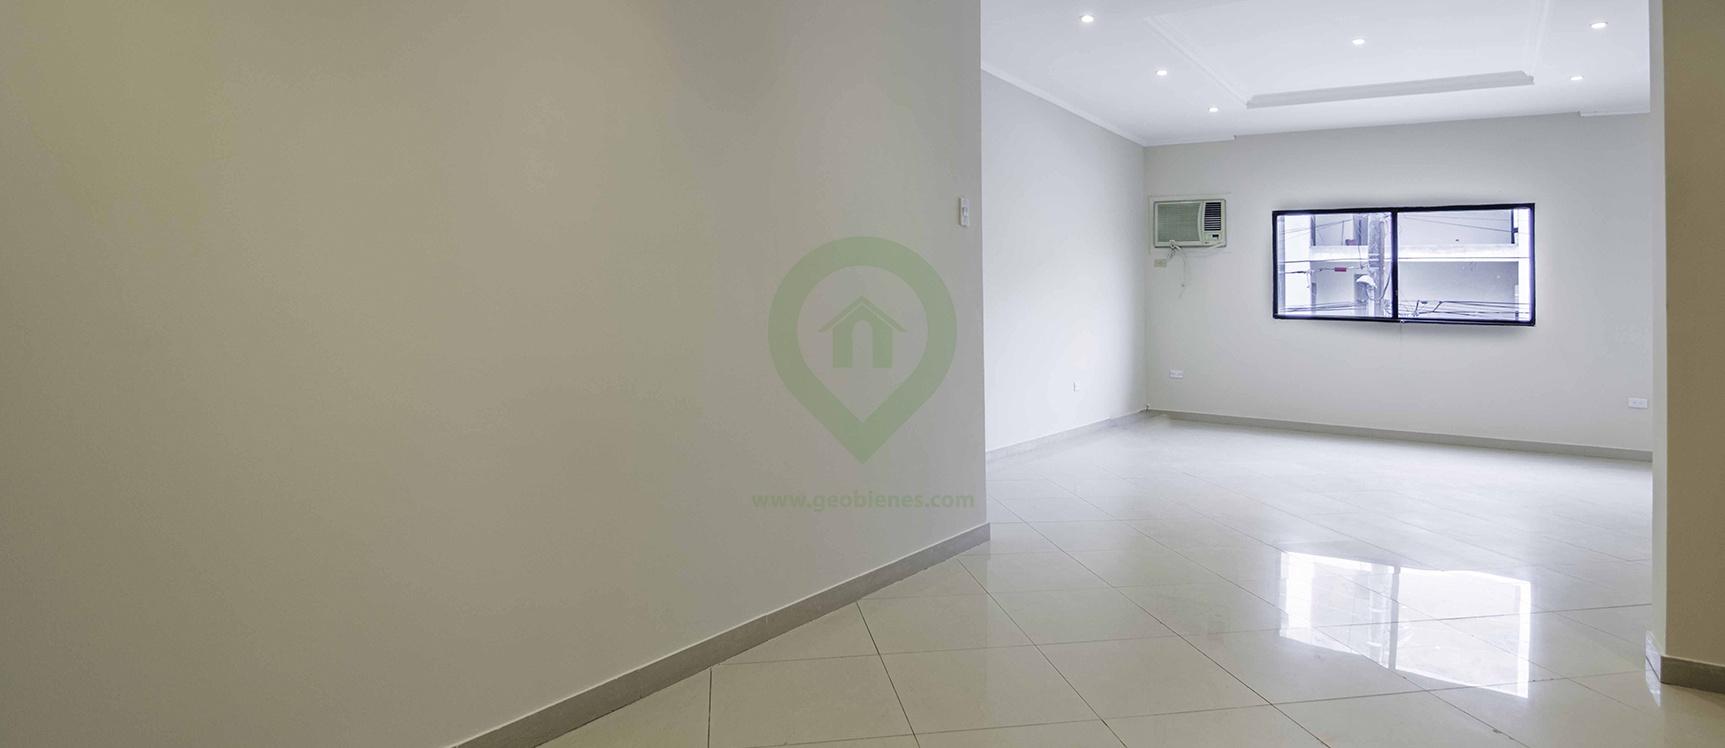 GeoBienes - Departamento en venta en Santa Cecilia sector Ceibos Guayaquil - Plusvalia Guayaquil Casas de venta y alquiler Inmobiliaria Ecuador